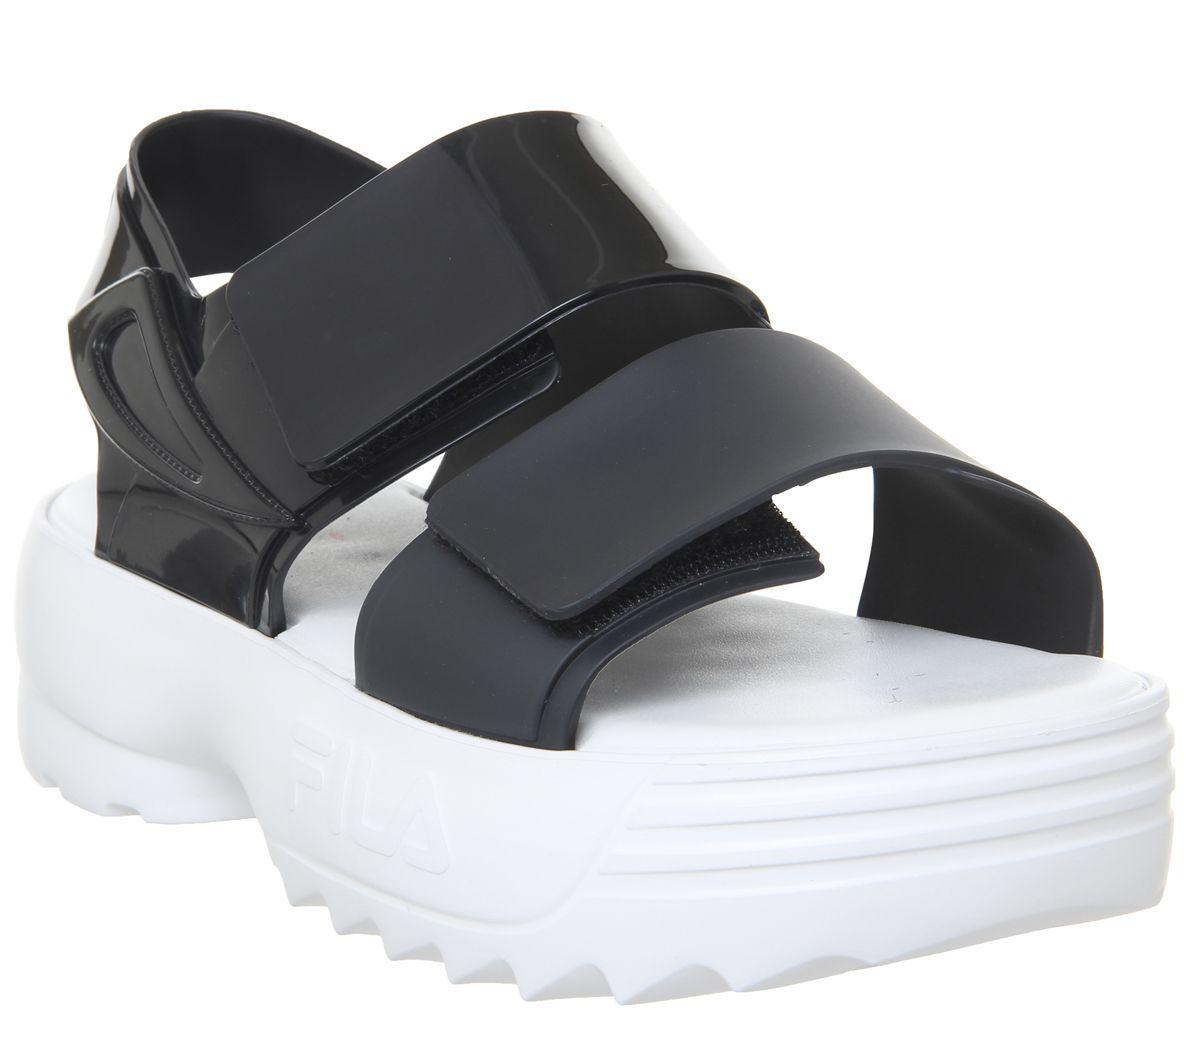 c290d9d937c3 Melissa Melissa Sandal + Fila Sandals Black - Sandals